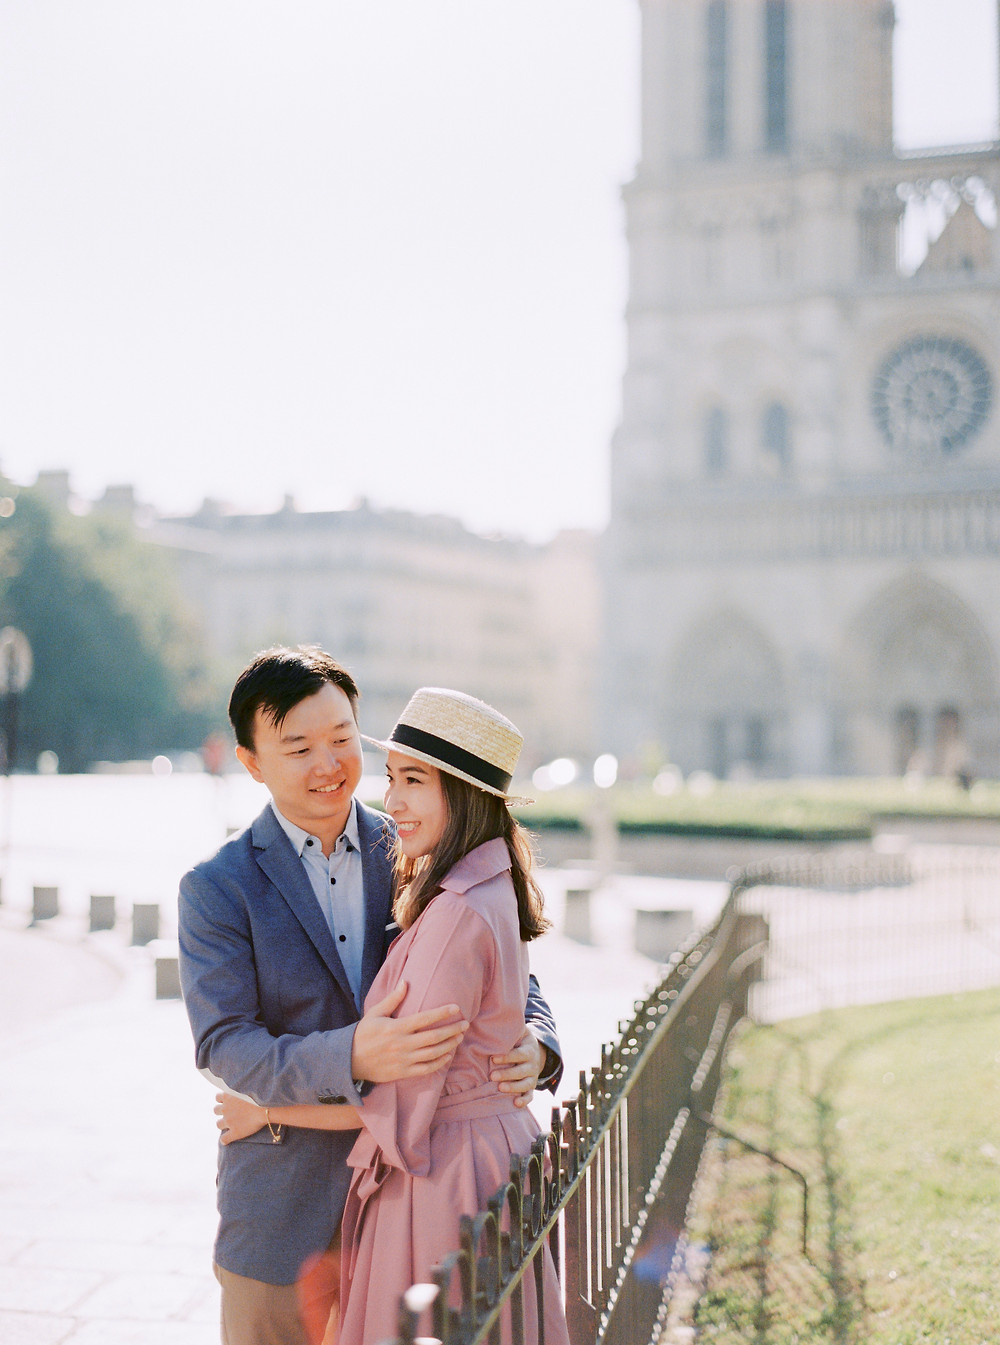 Proposal Paris photographer